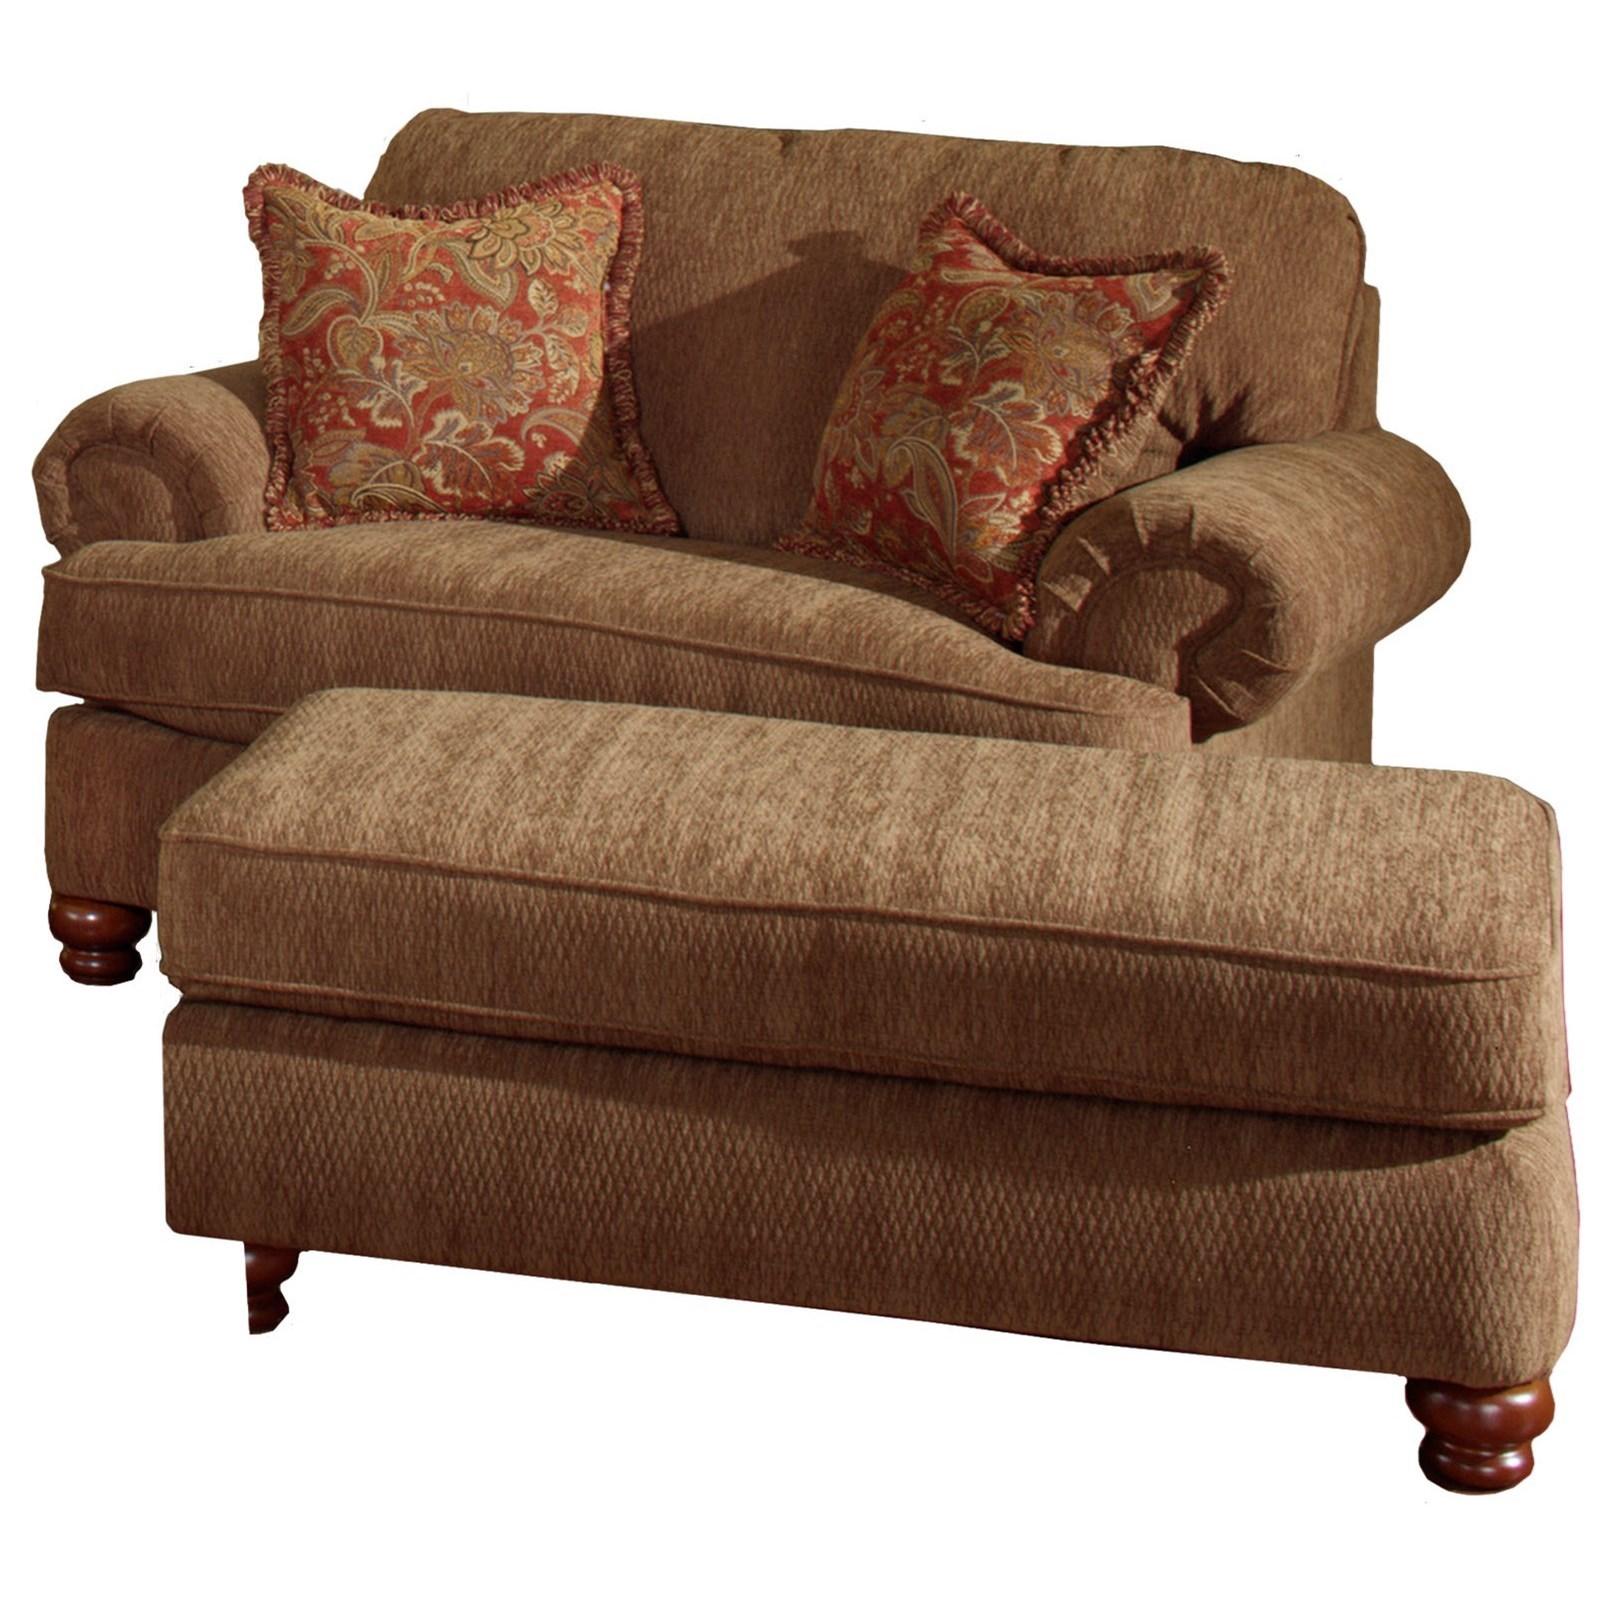 Chair And Half Ottoman